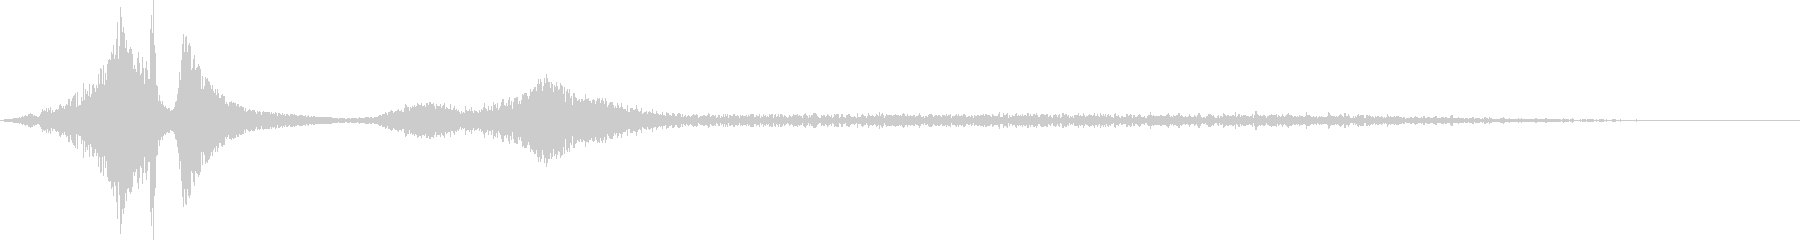 【映画】 SF Whoosh 08の未再生の波形